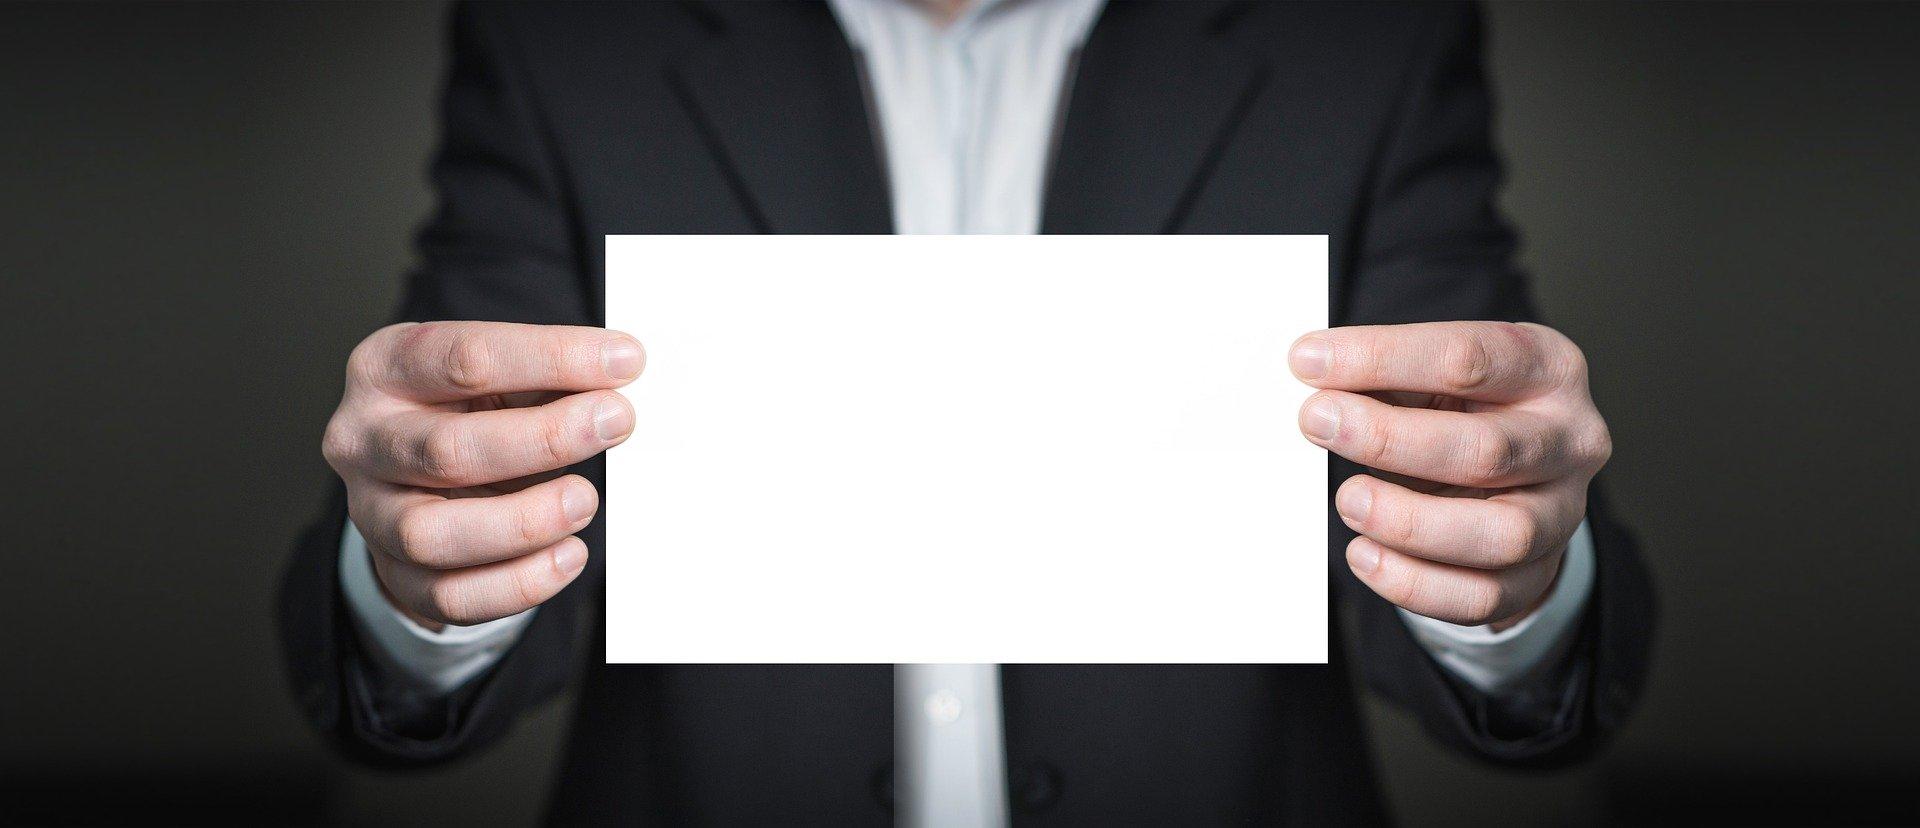 期間工の面接で必ず聞かれる「志望動機」はどう答えるべき?